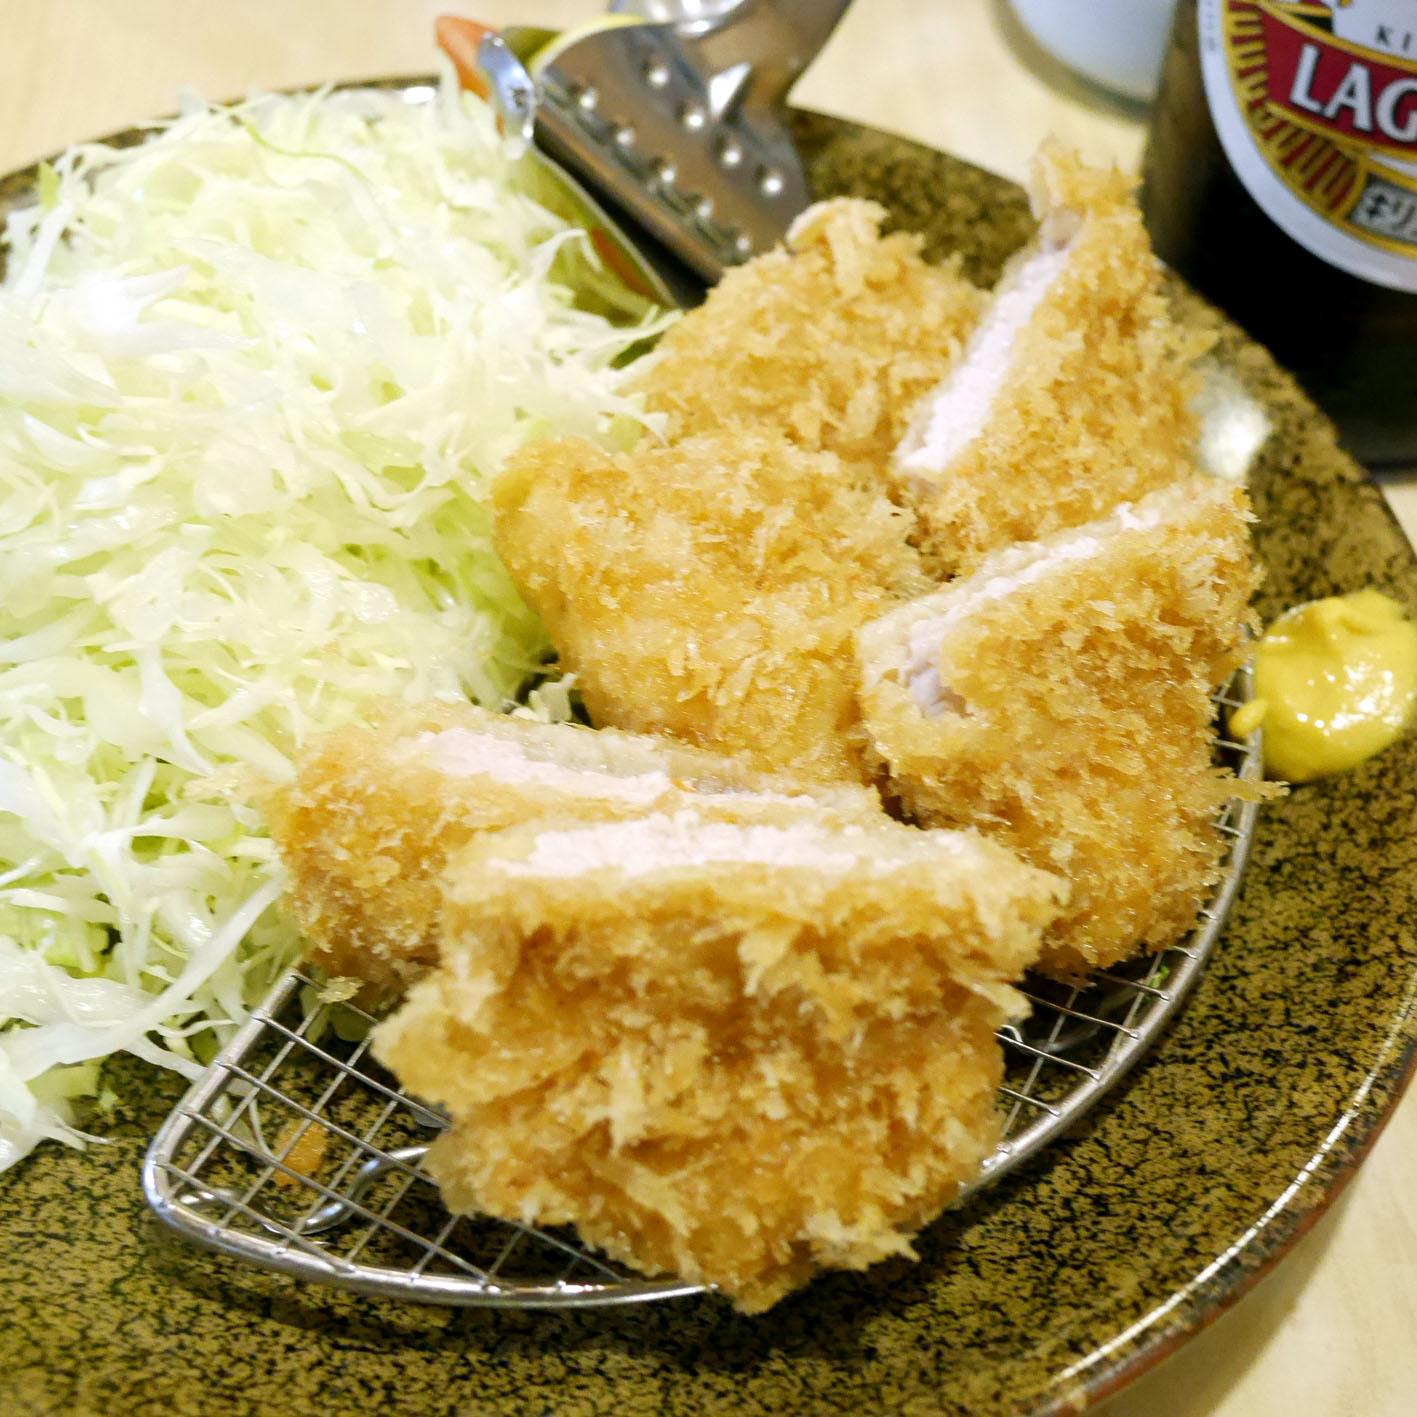 tonkatsuichirizuka2.jpg